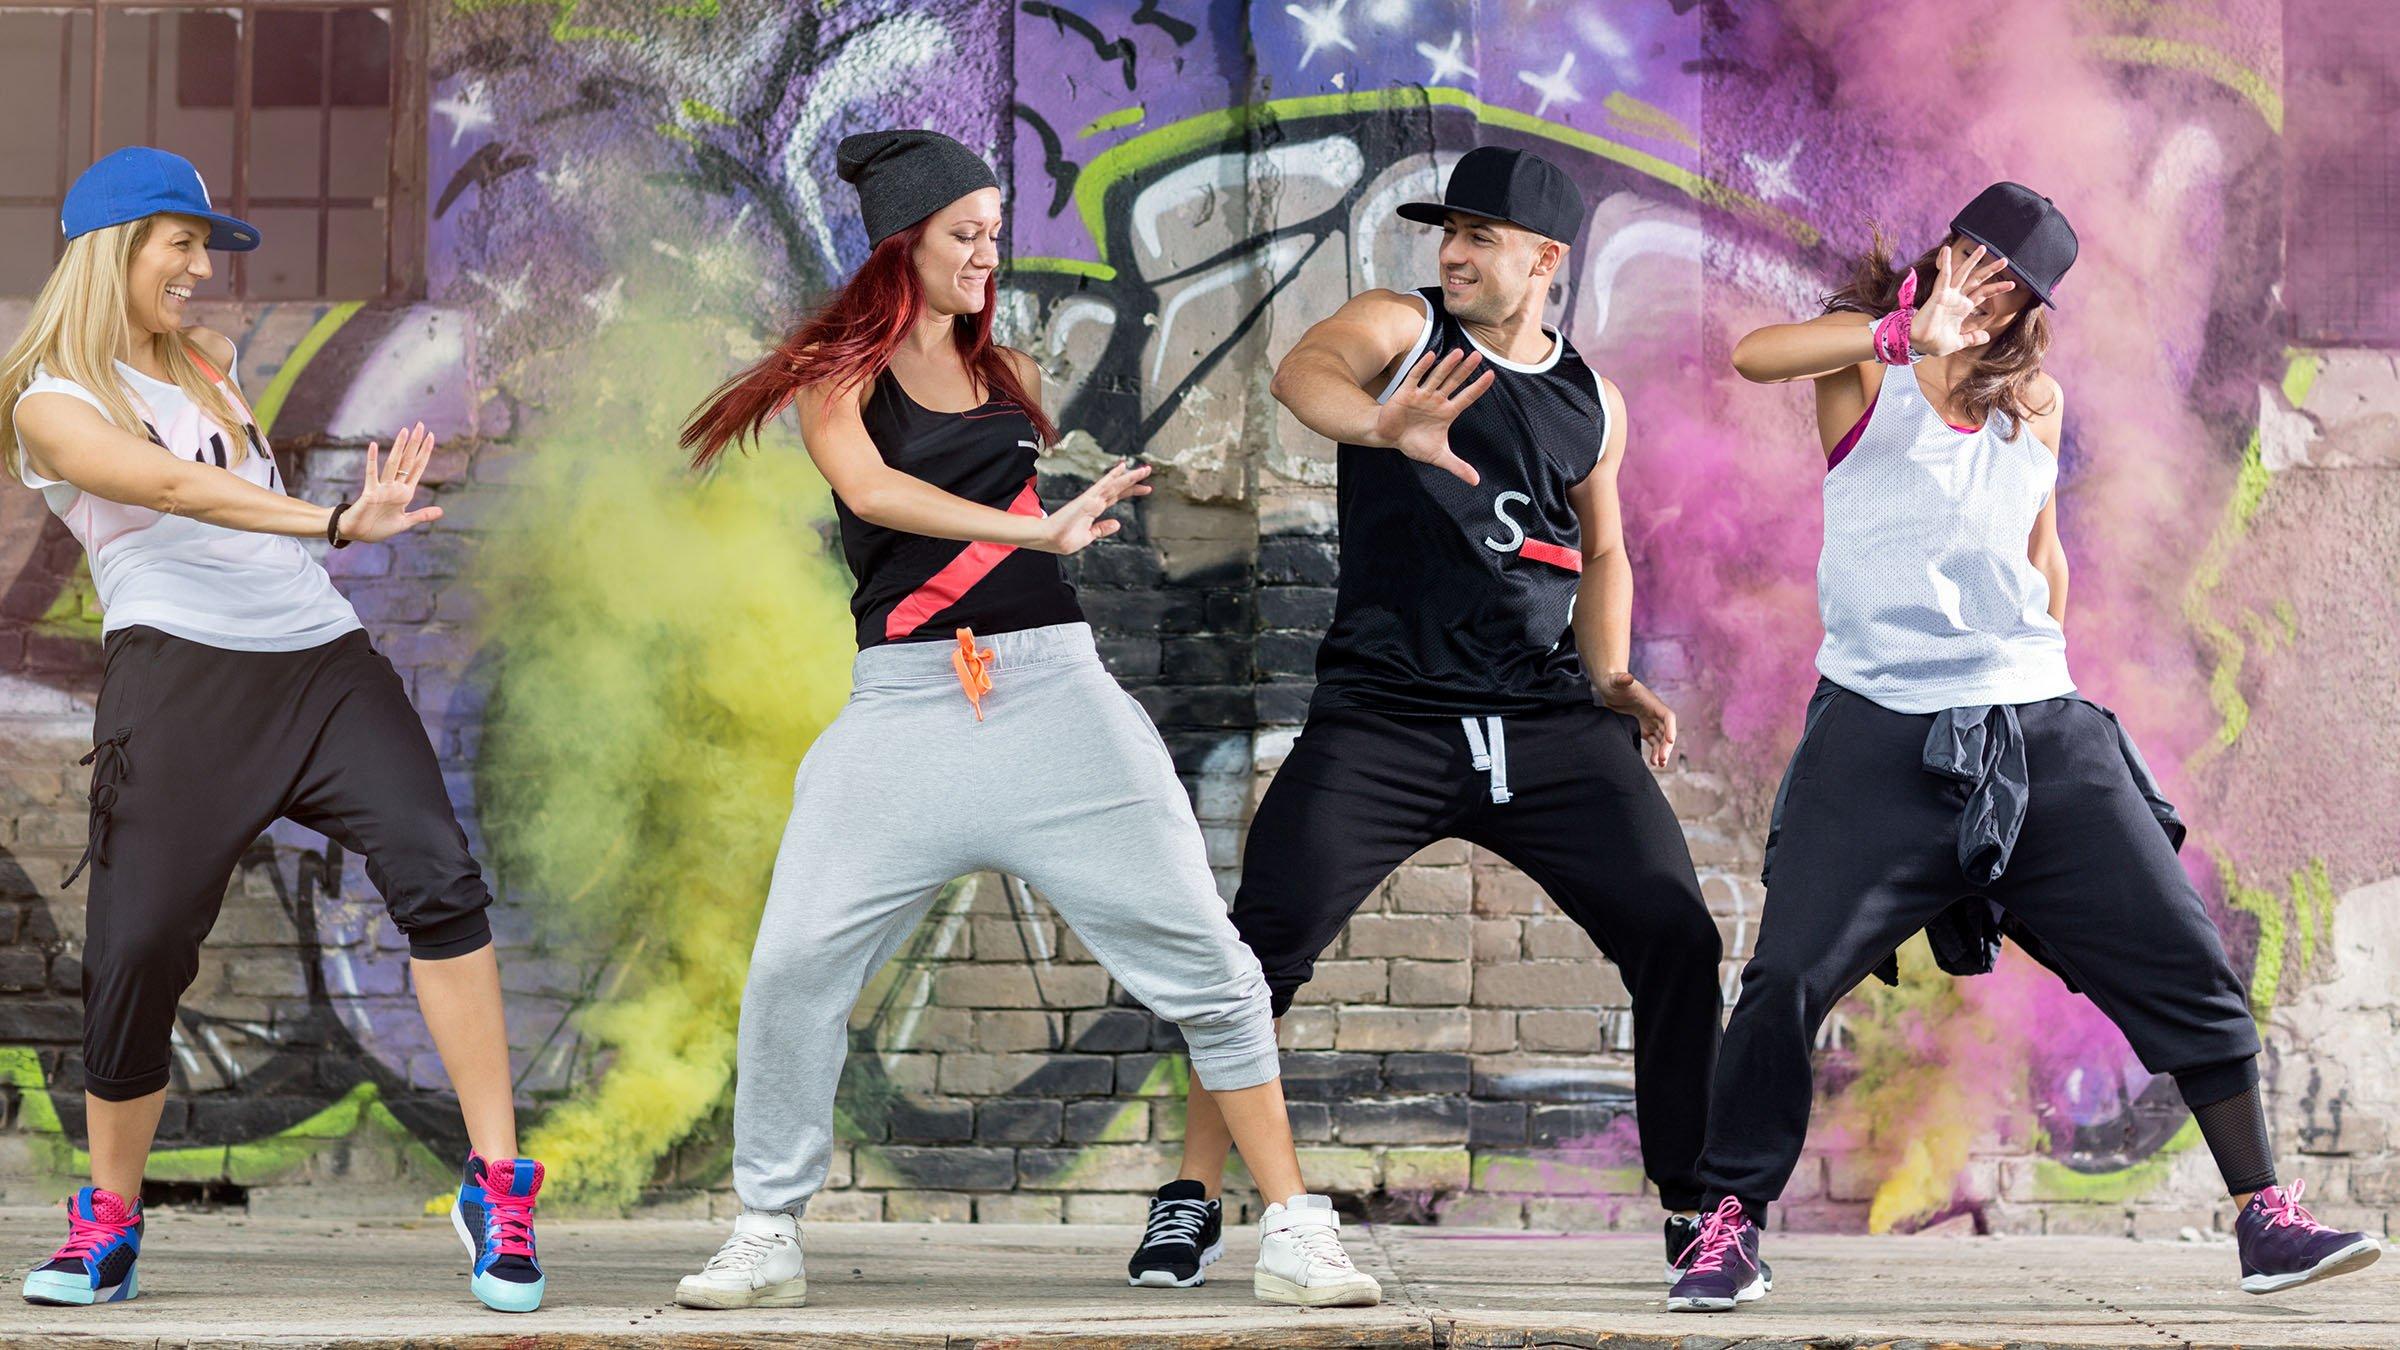 privado bailarines bailando